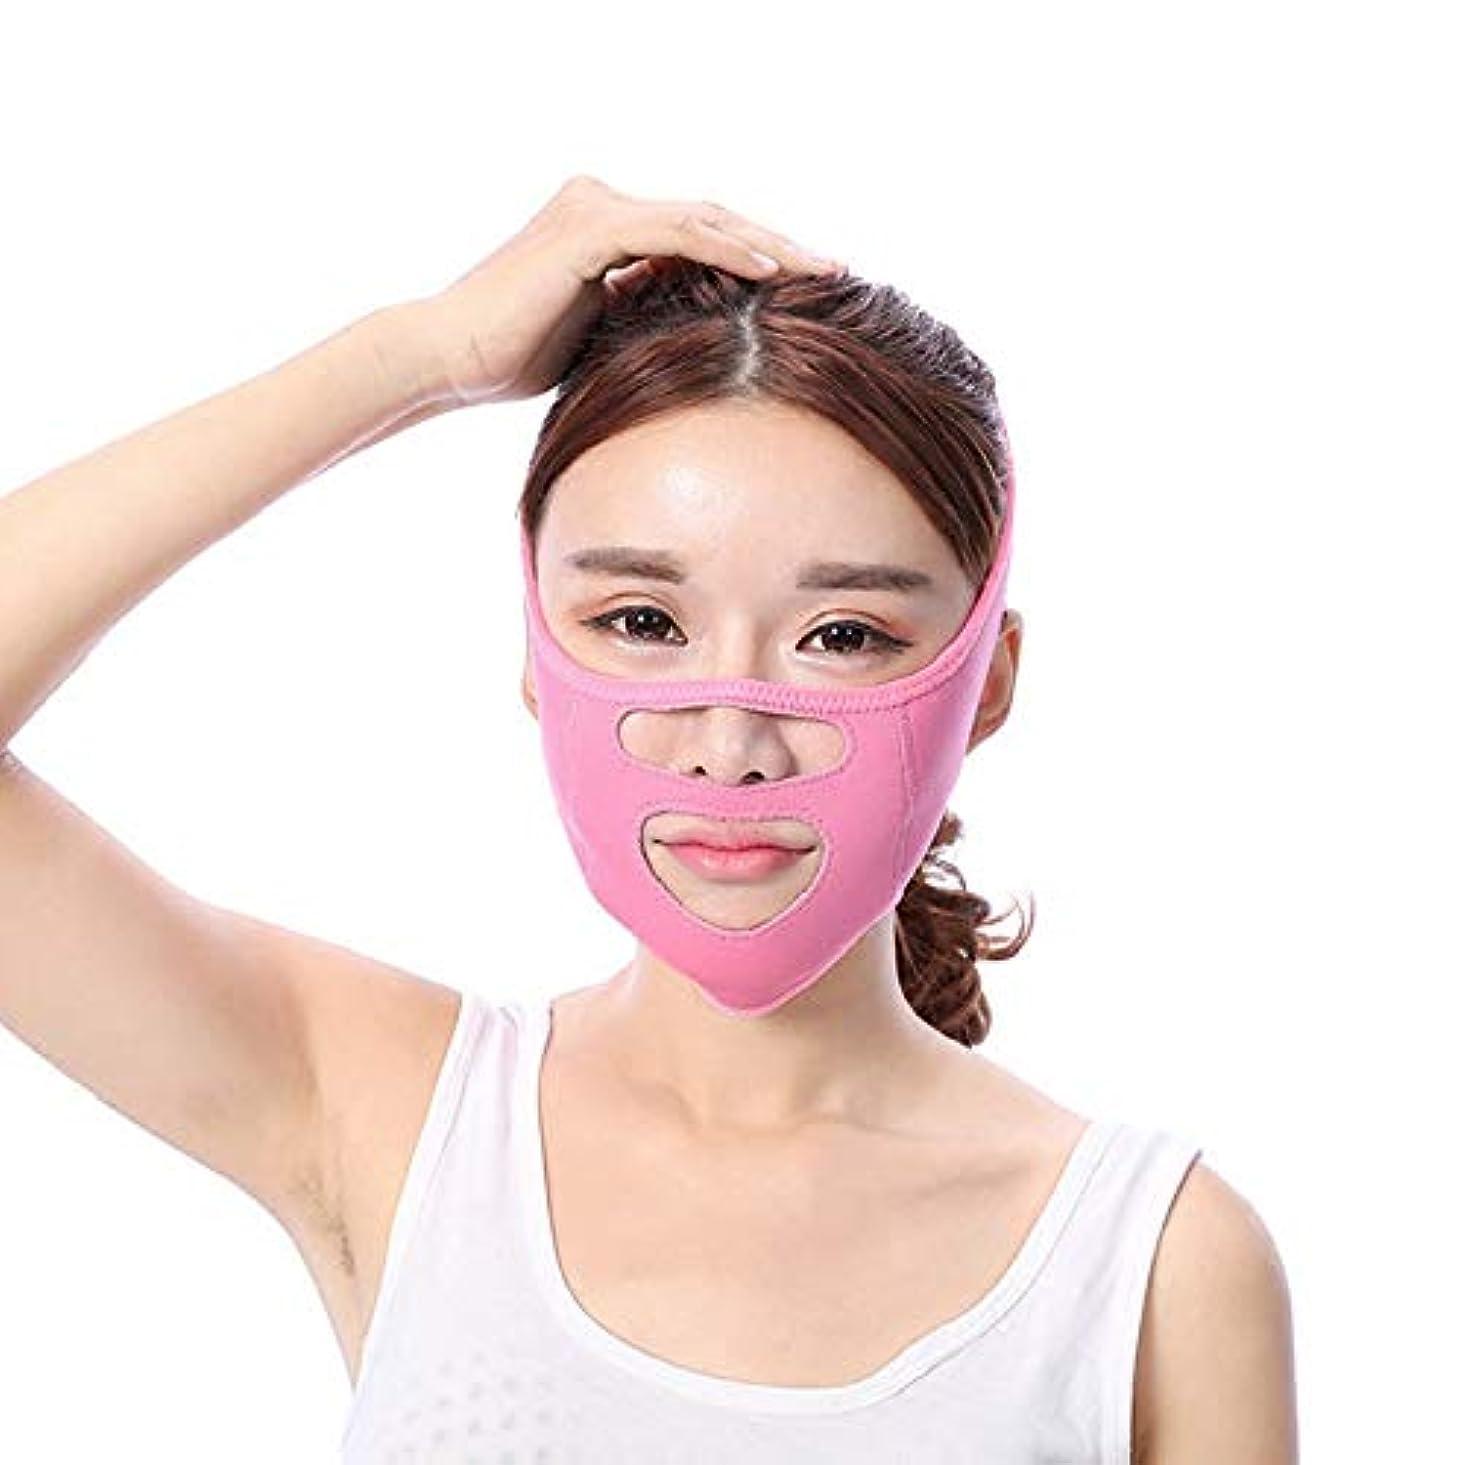 国民減る開いたフェイスリフトベルトフェイスバンデージ美容機器リフティングファインディングダブルチン法令Vマスク睡眠マスク通気性 美しさ